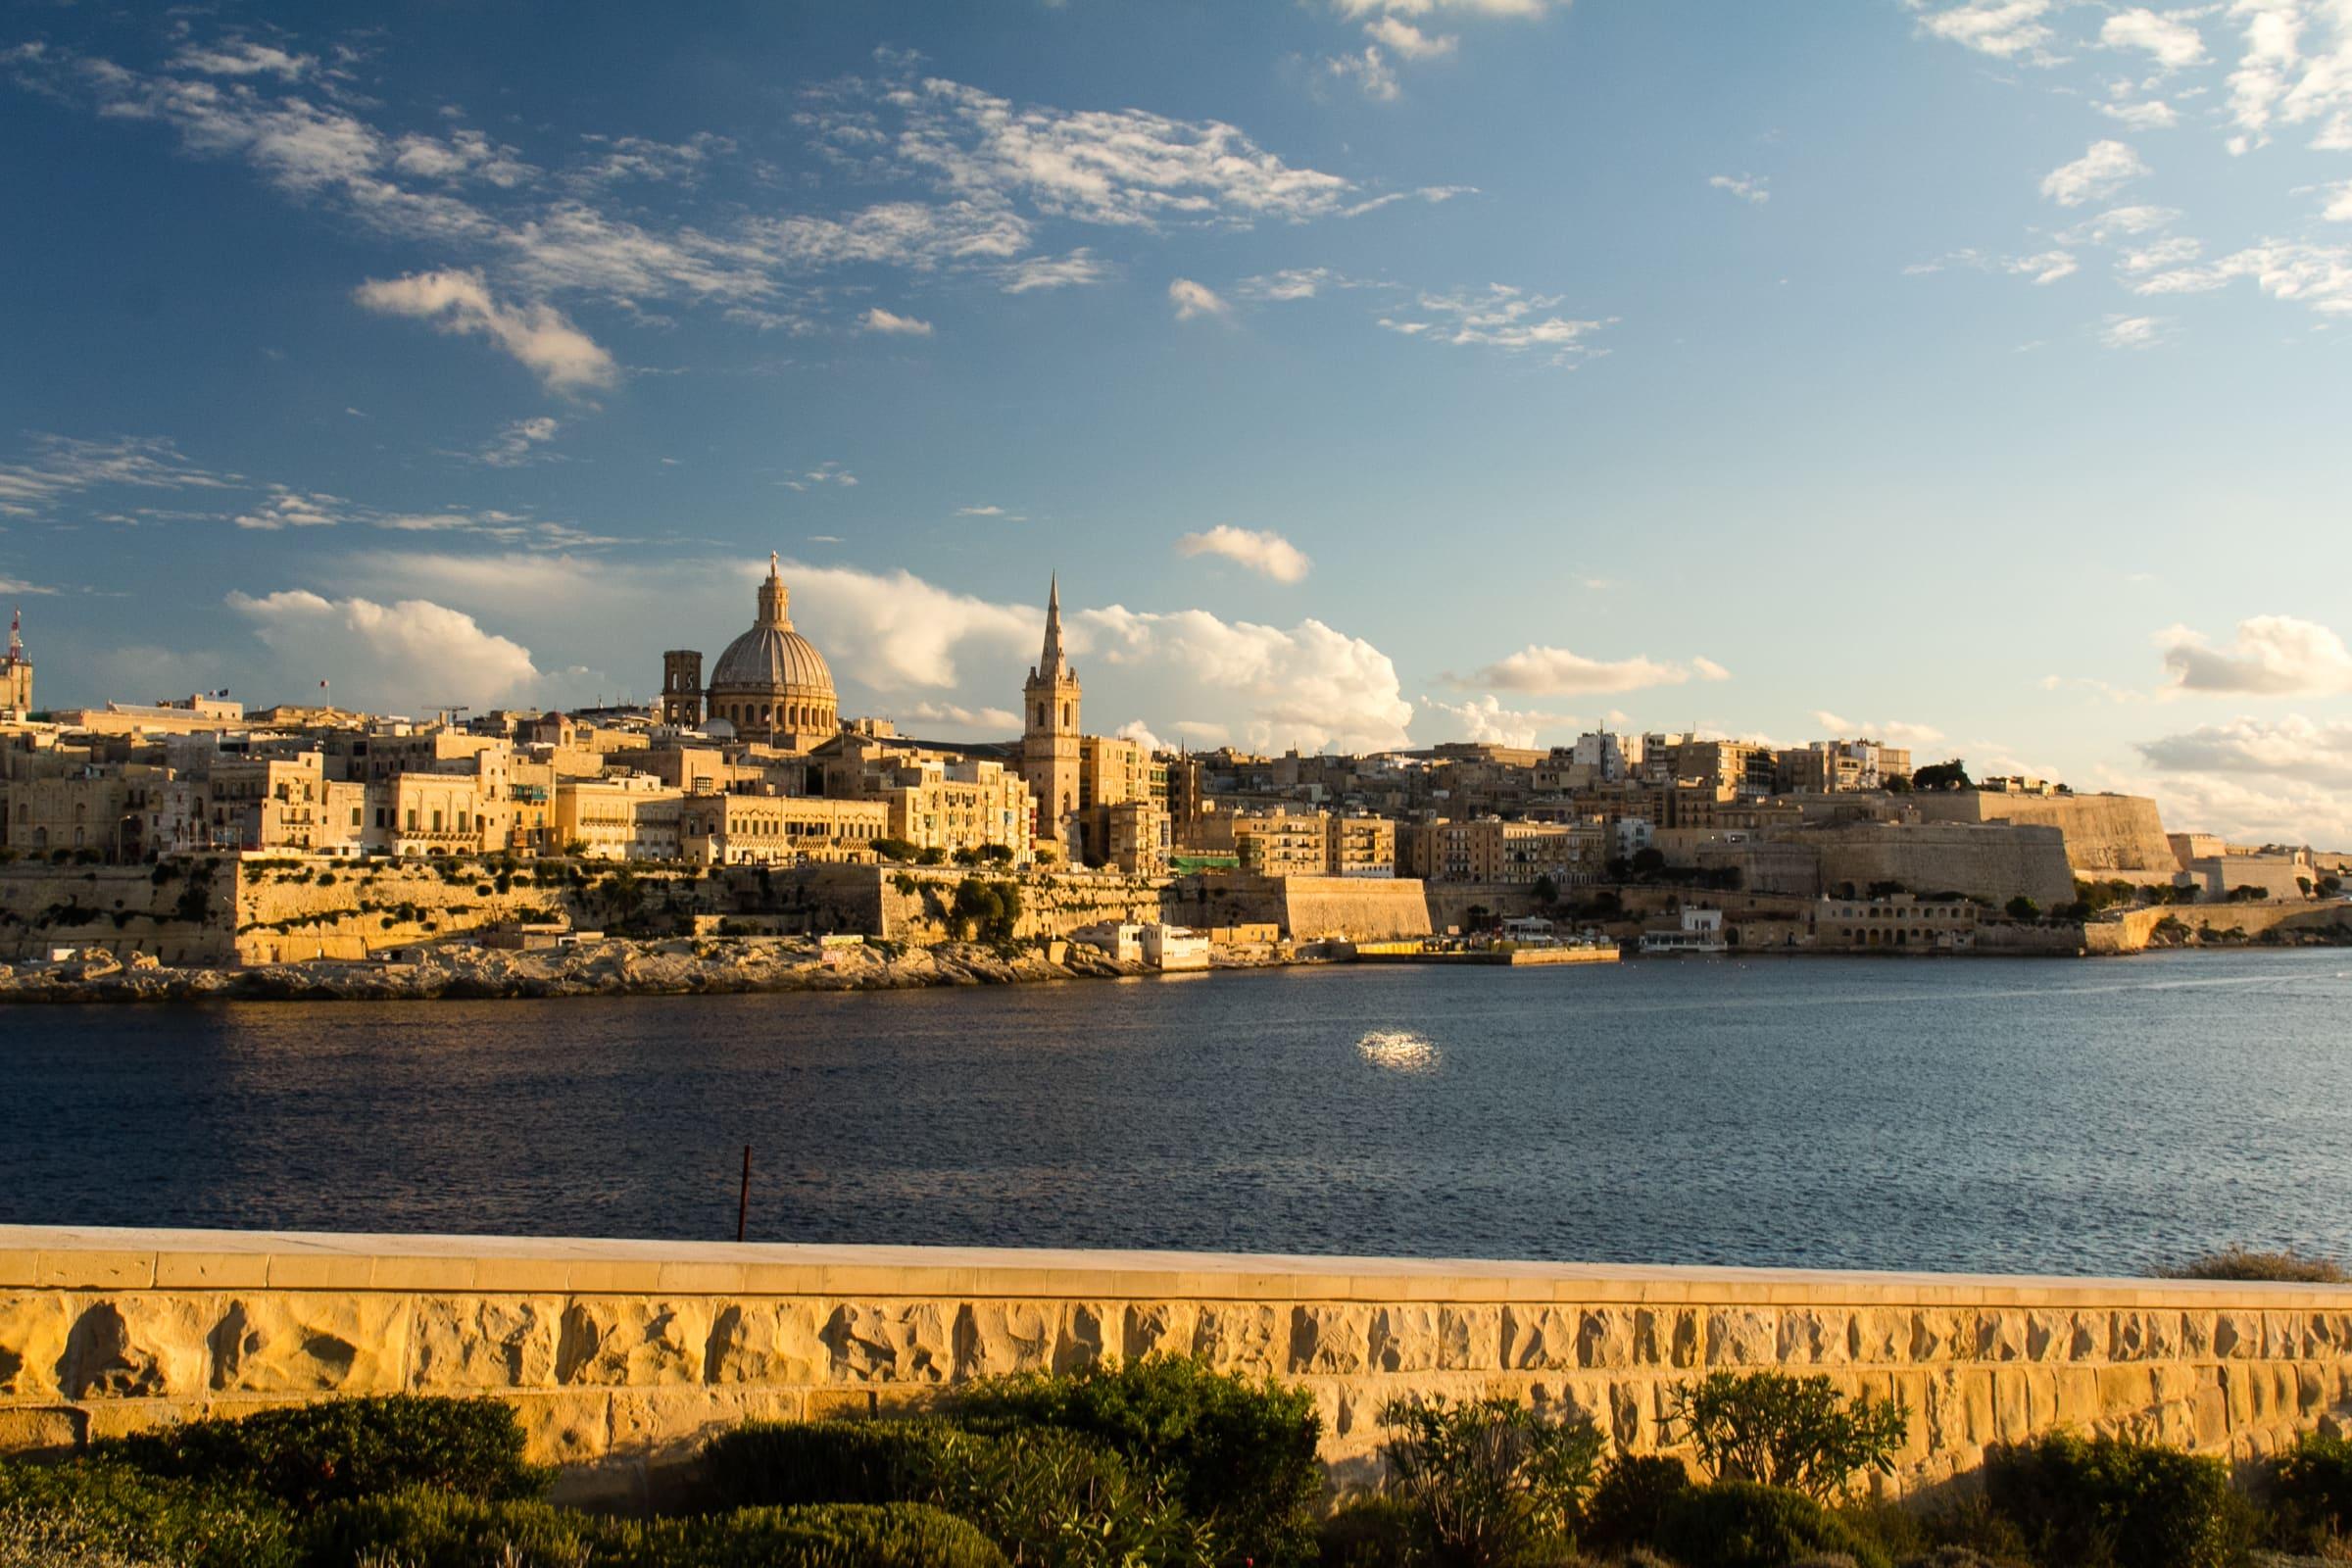 Malta – Sức quyến rũ mạnh mẽ của Quốc đảo mặt trời